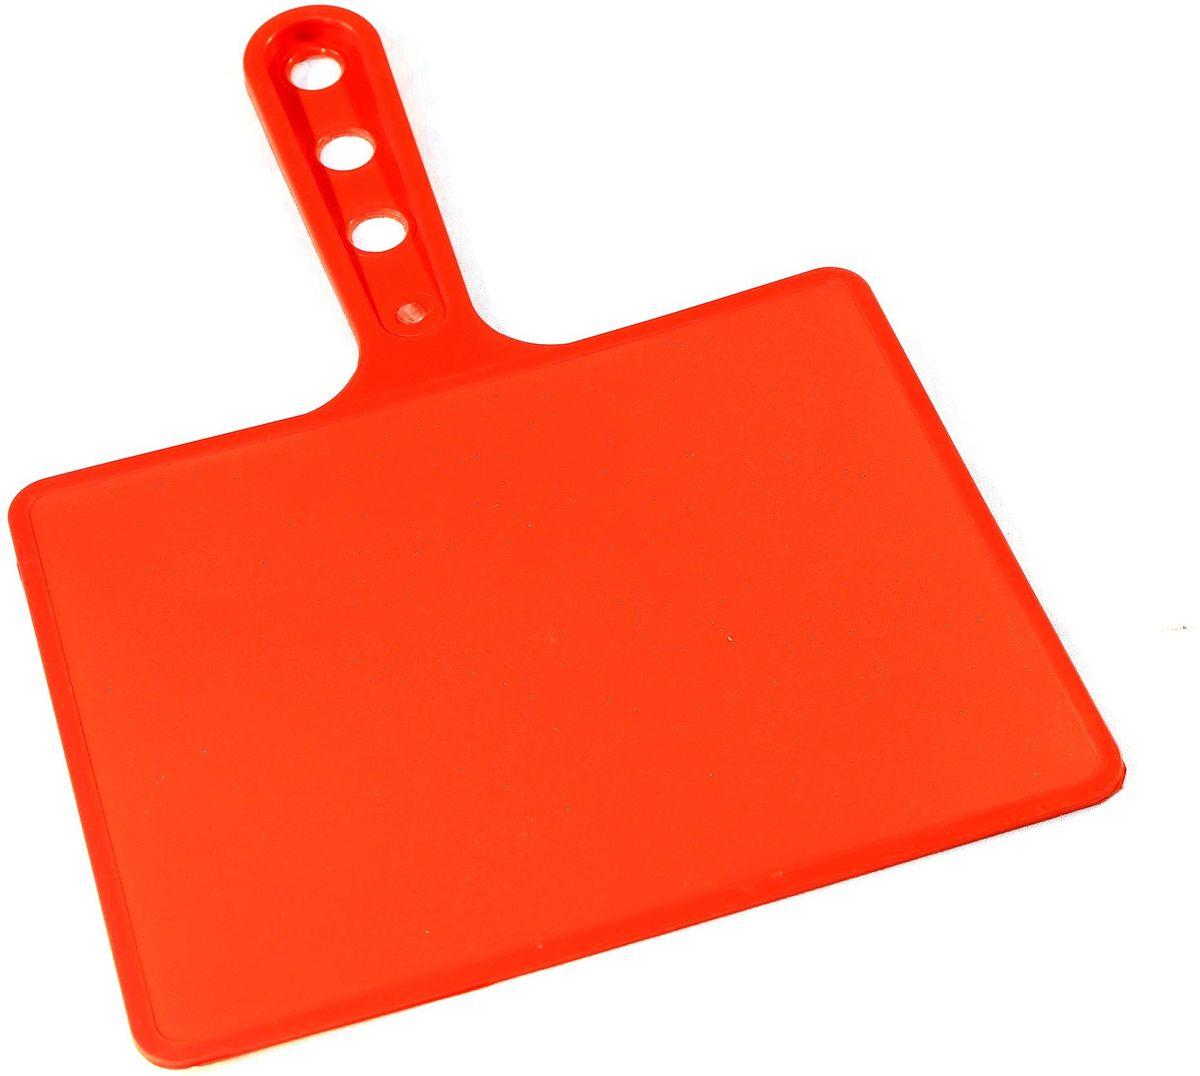 Веер для мангала BG, цвет: красный. 15018154 009312Предназначен для раздува углей в мангале. Изготовлен из высококачественного пластика(ПЭНД), одна сторона глянец, вторая шагрень. Ручка имеет 3 отверстия. Можно использовать как разделочную доску для мяса, нарезки овощей или хлеба. Рабочая поверхность выполнена в виде прямоугольника, размер: 197 х 148 мм.